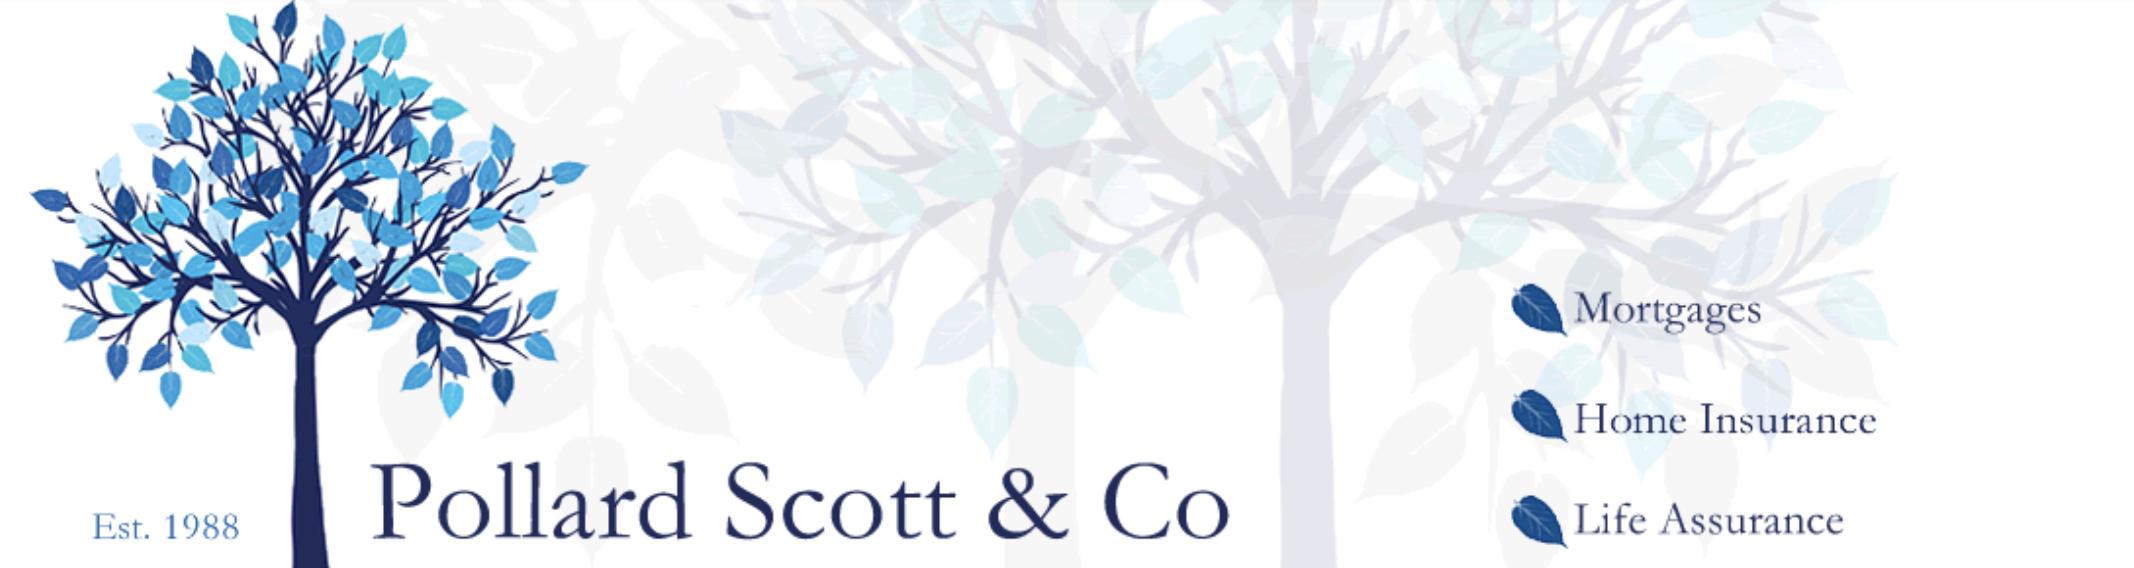 Pollard Scott